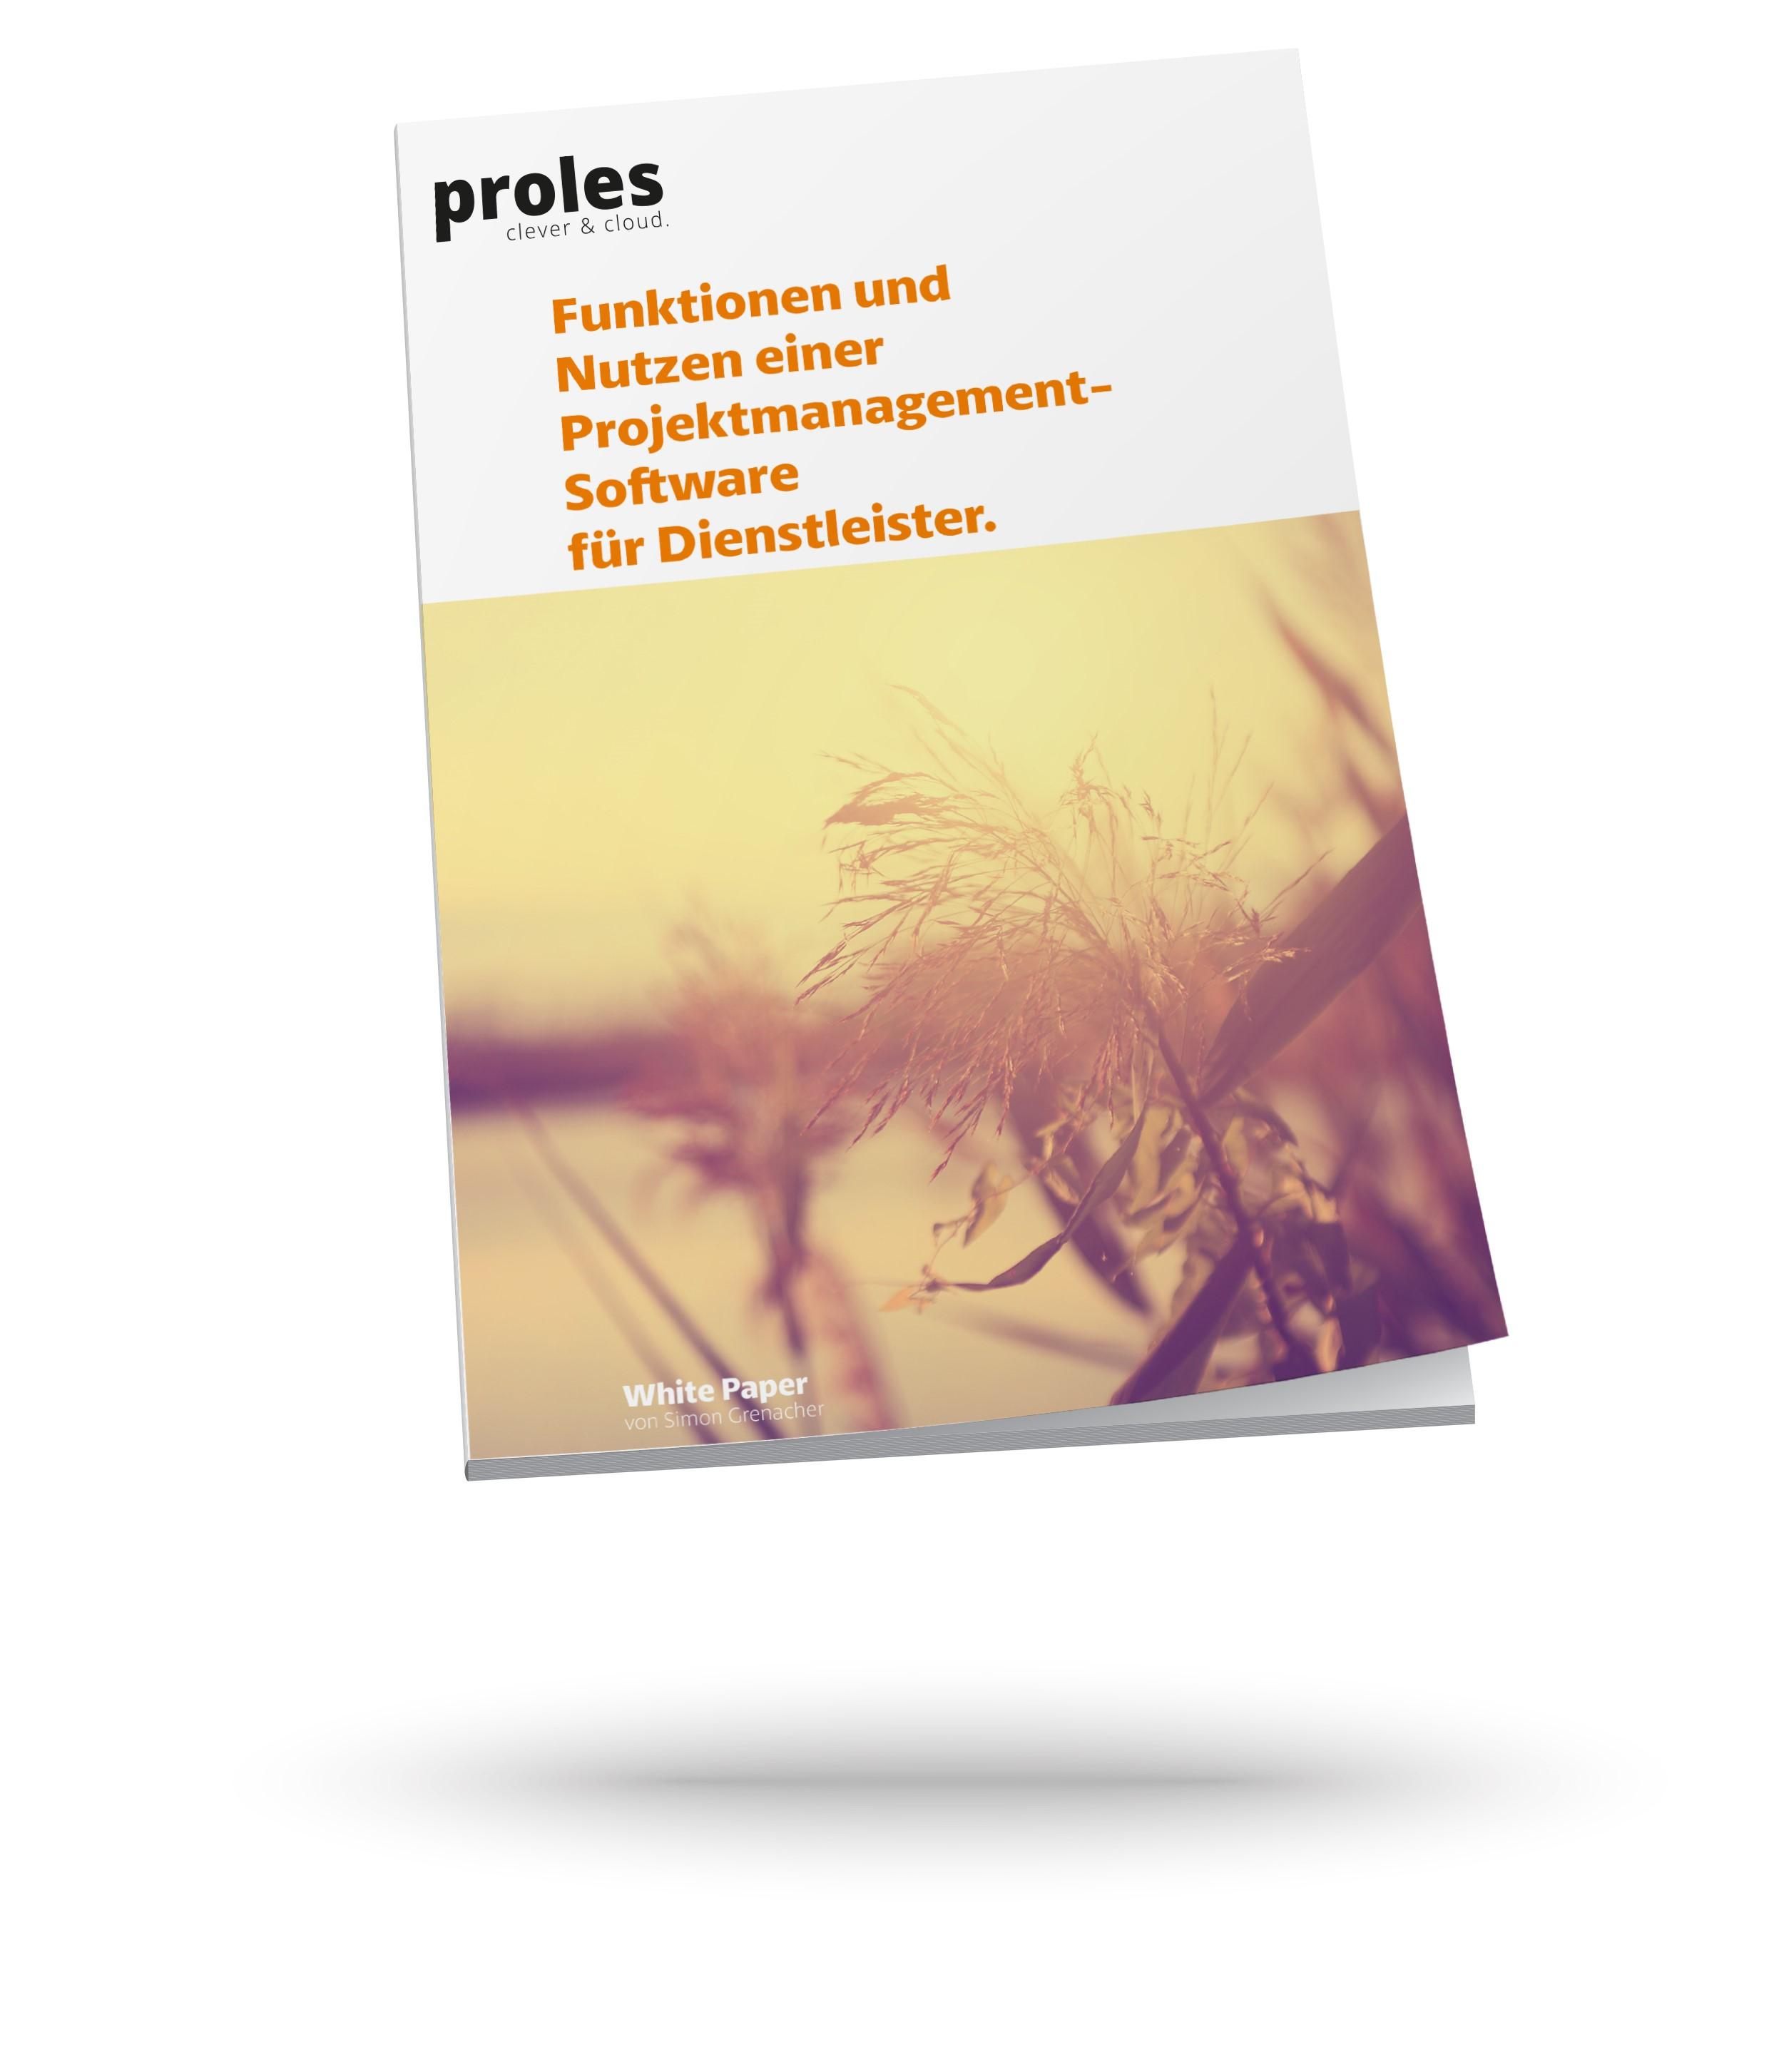 Funktionen und Nutzen einer Projektmanagement-Software für Dienstleister - White Paper